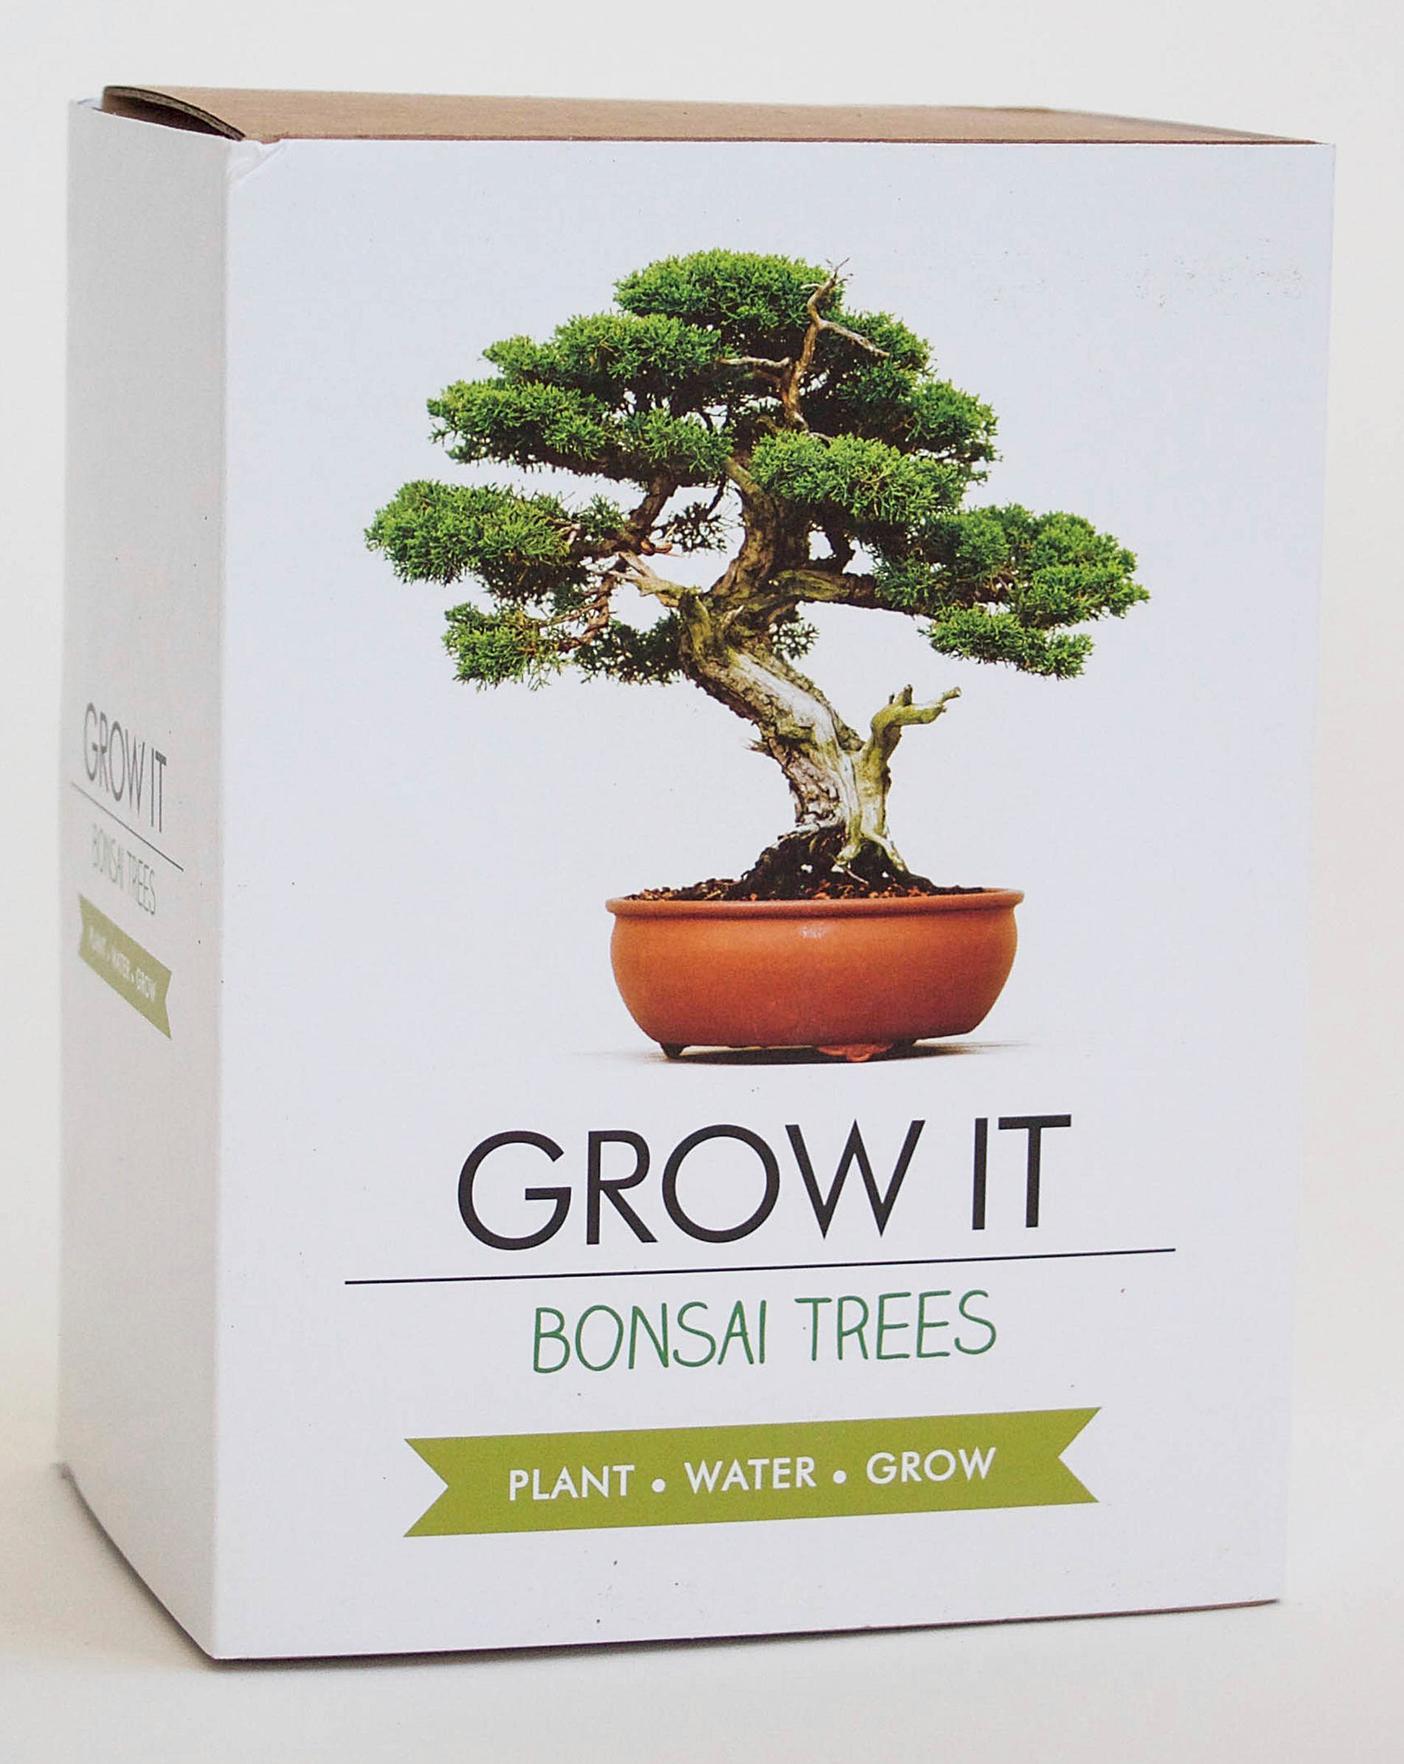 Bonsai Tree Grow It Kit Oxendales